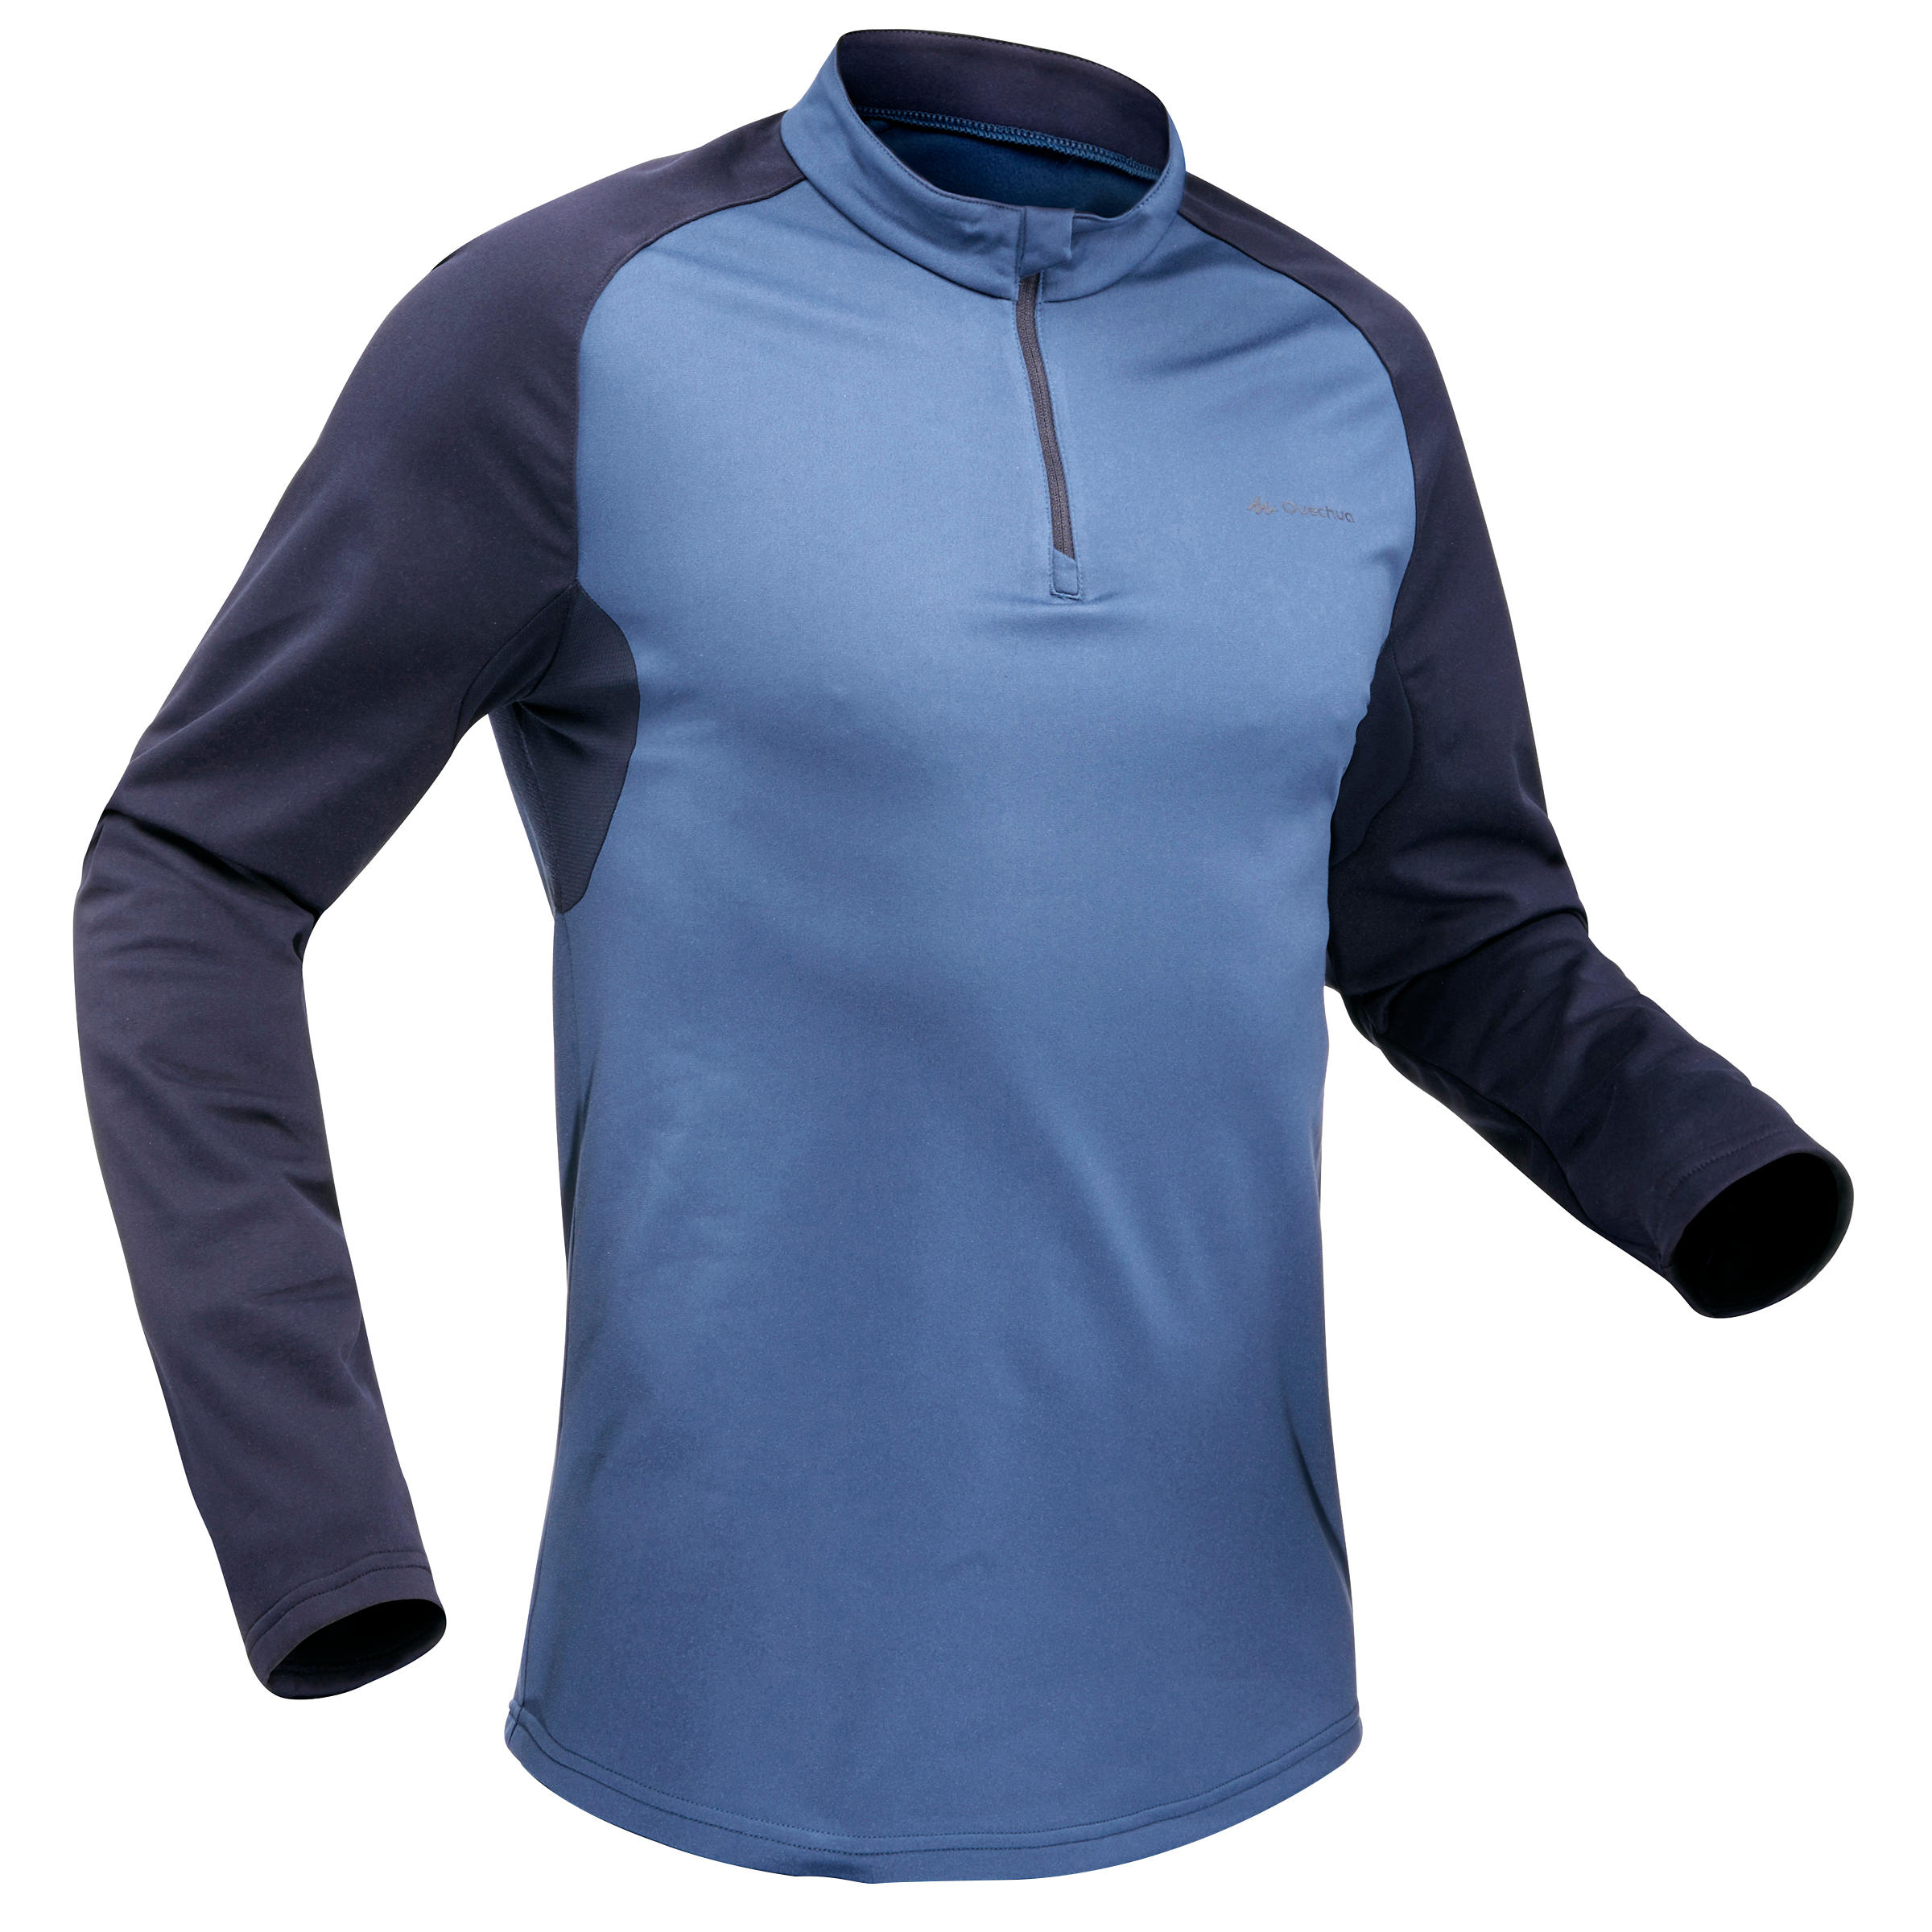 Nike Predator Training Shorts Dri-Fit Blue Mens XL 2XL S mens NWT basketball